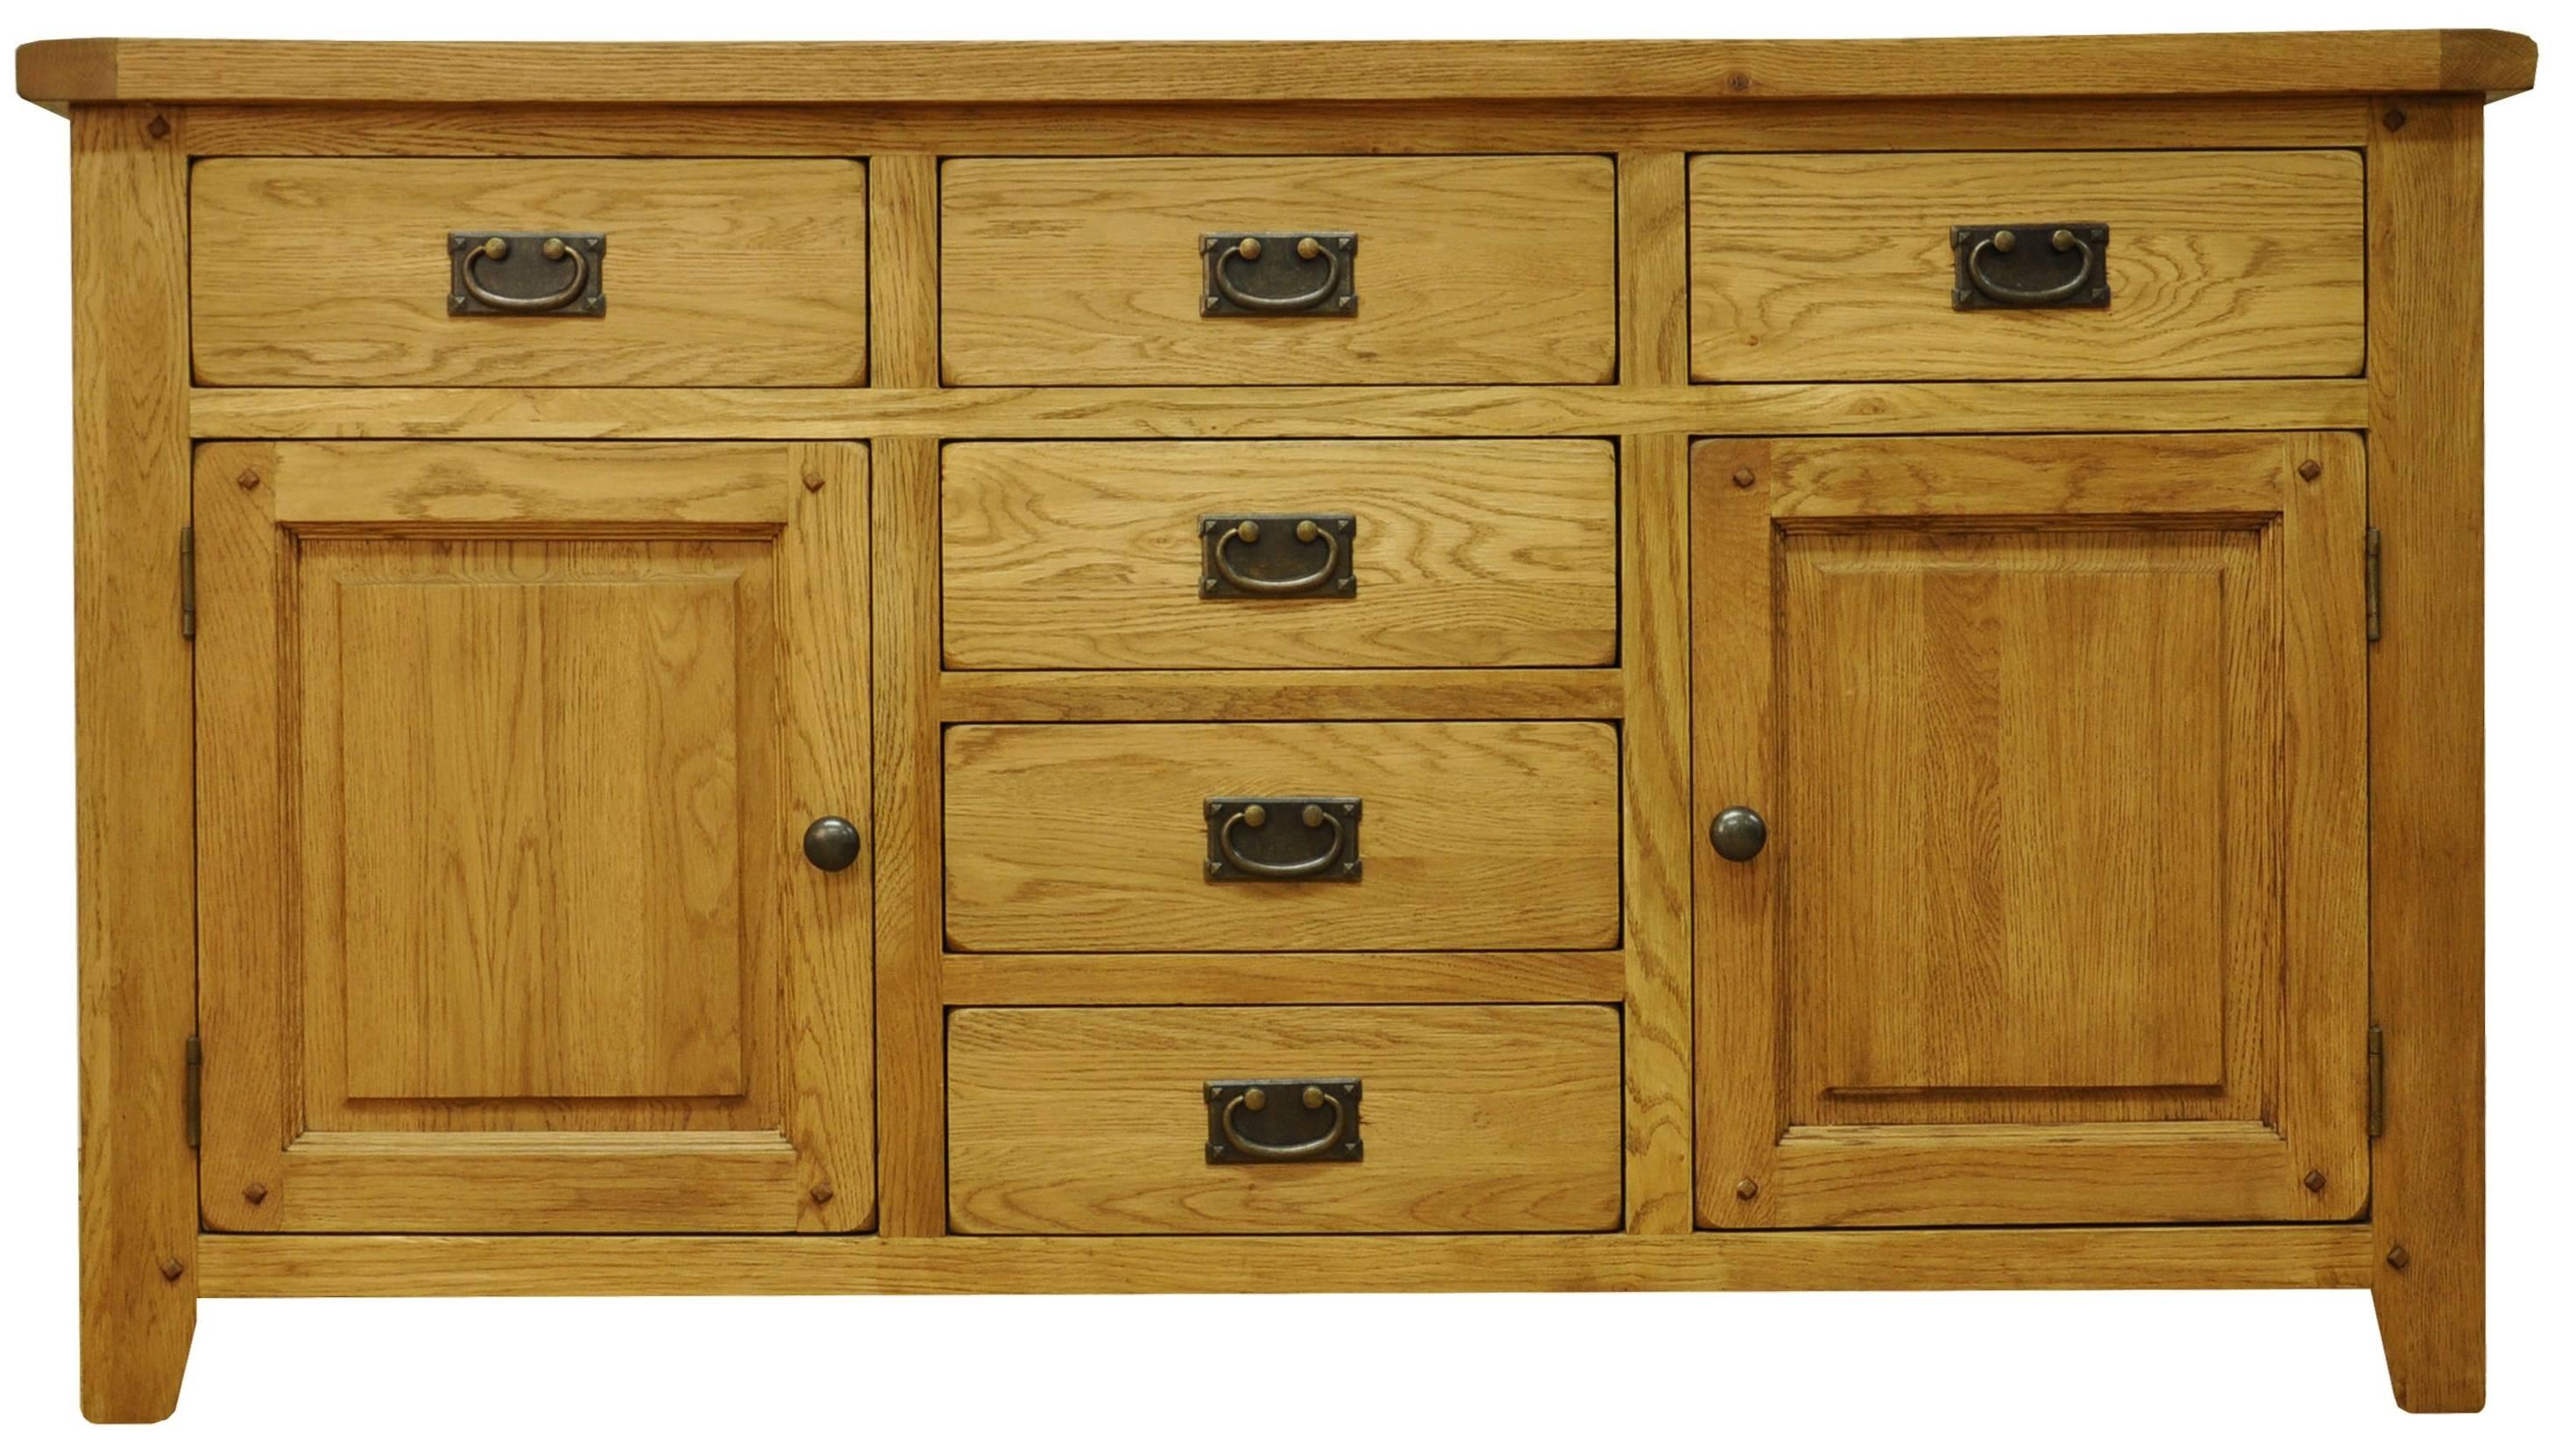 Oldbury Rustic Oak Sideboard With 2 Doors And 6 Drawersstanton regarding Rustic Oak Large Sideboards (Image 13 of 15)